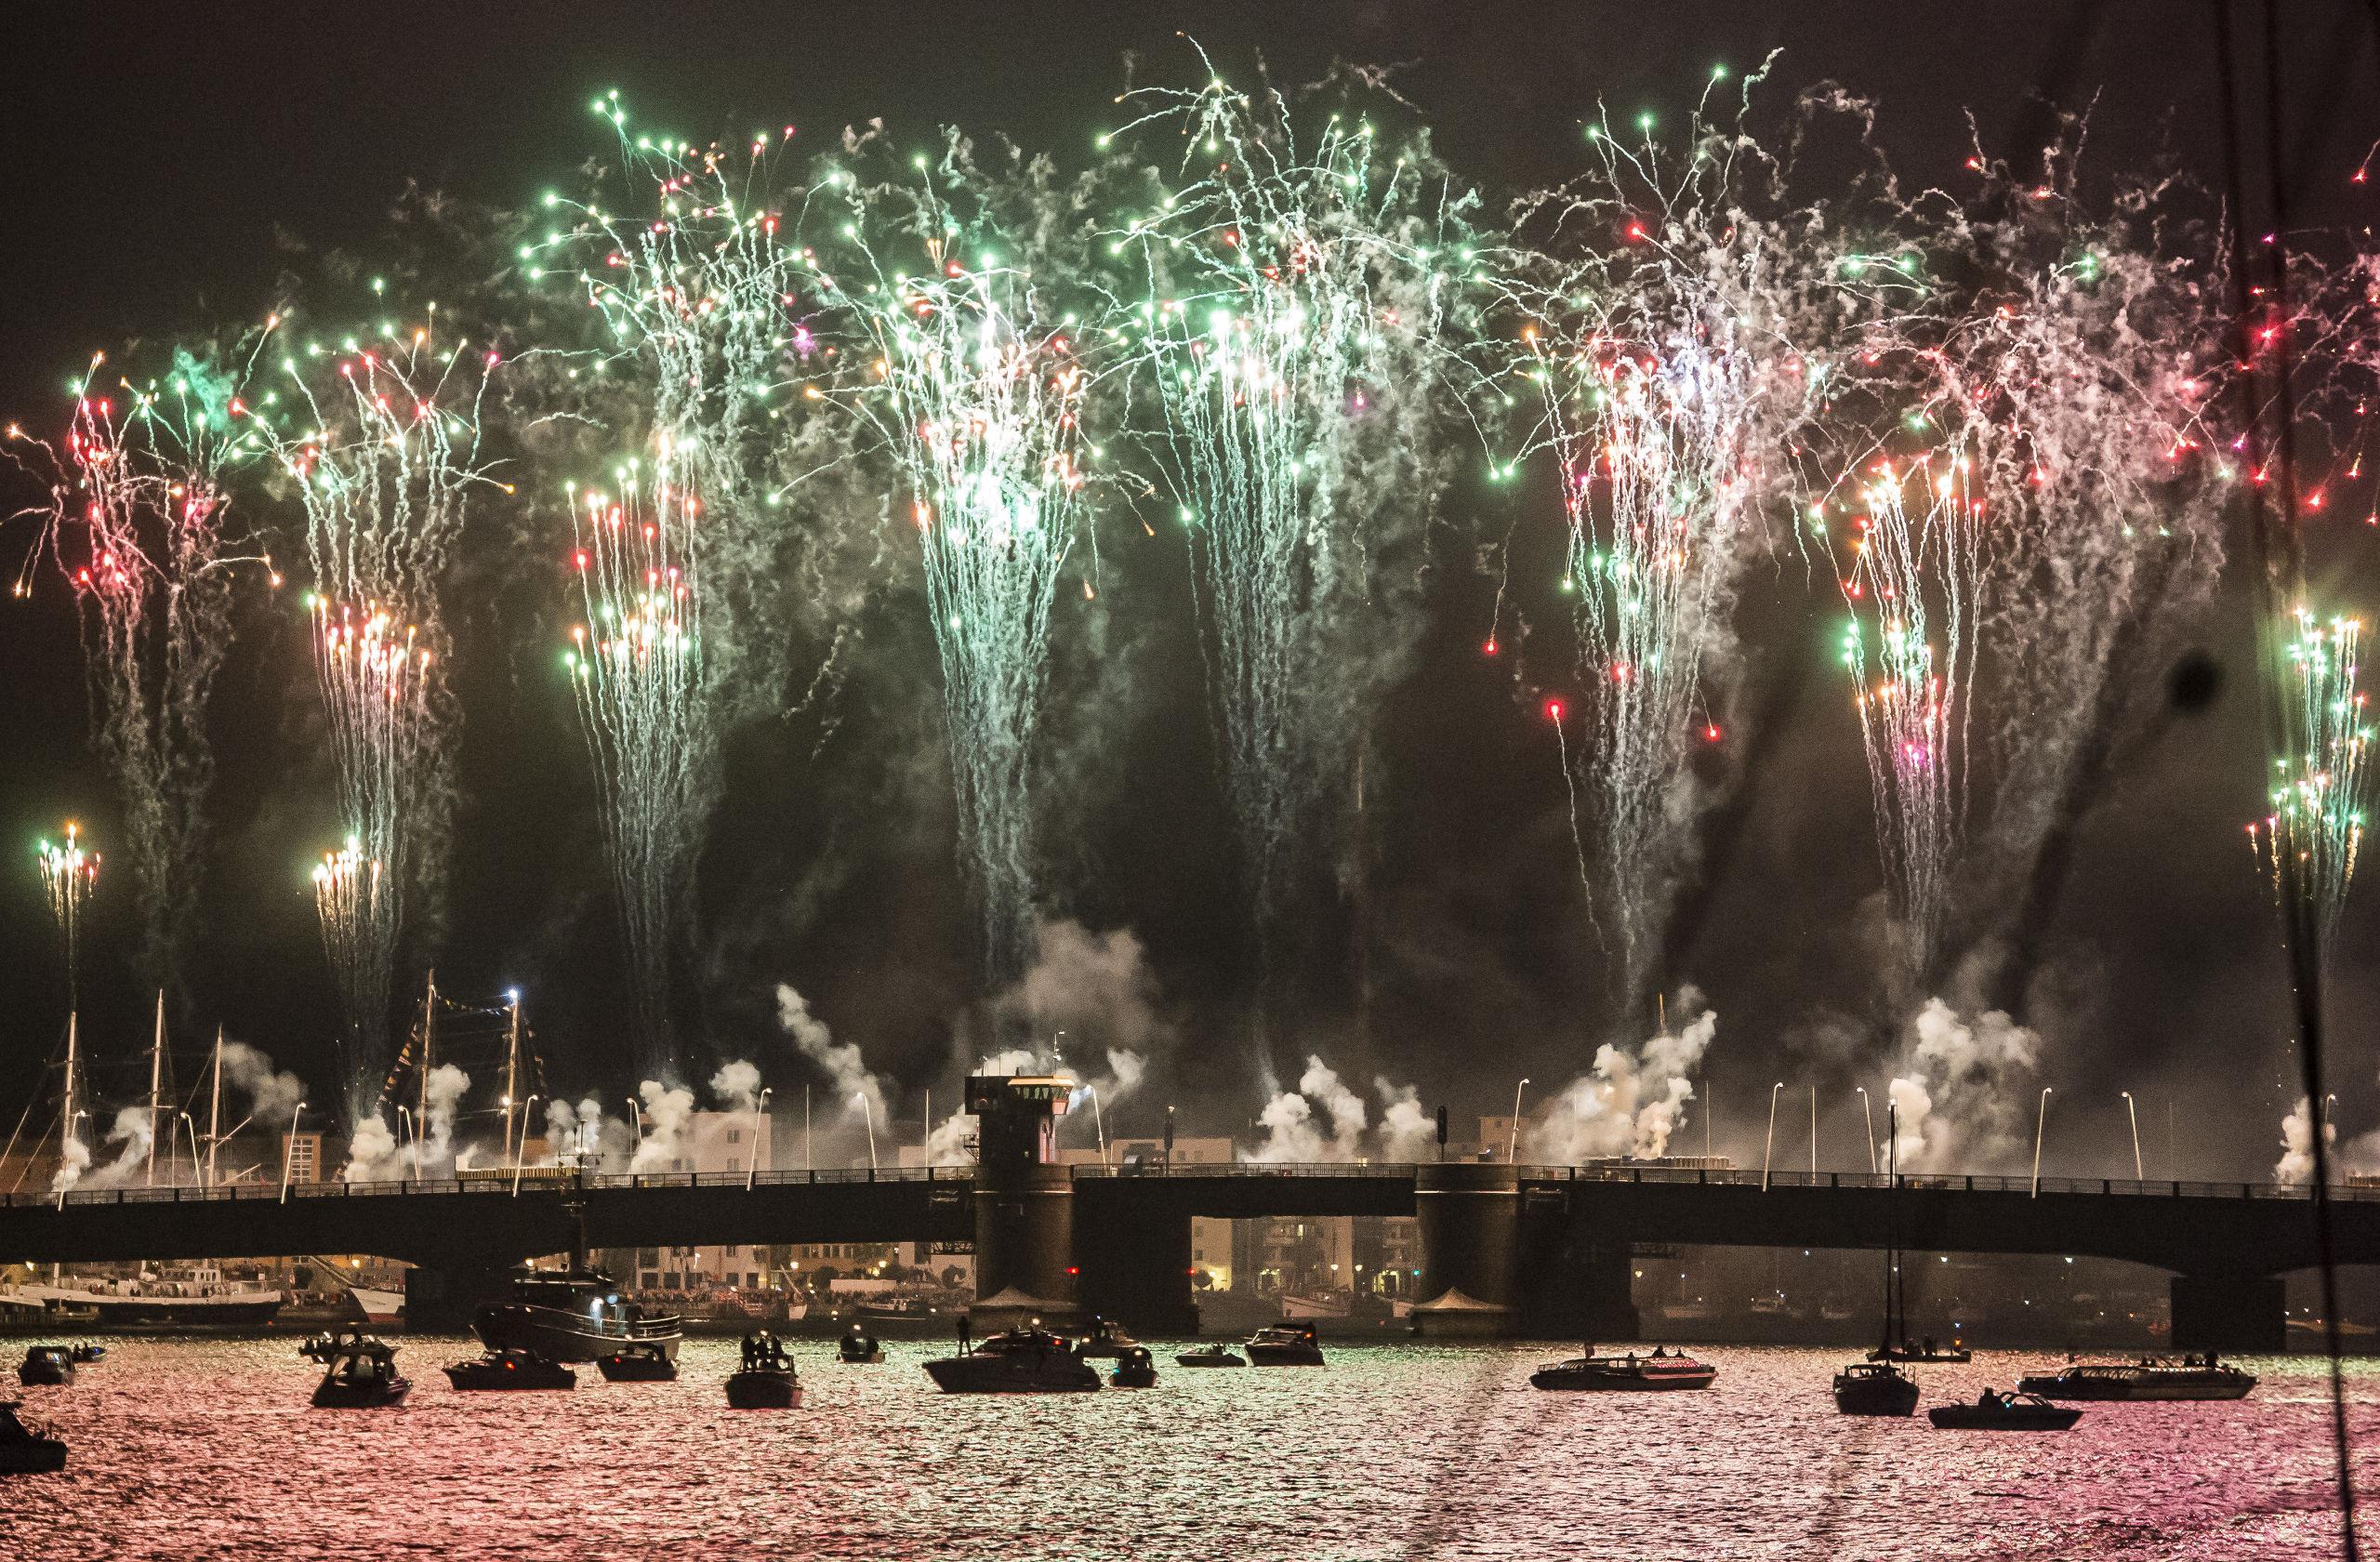 2019 bliver et år, hvor store begivenheder står i kø - vi har valgt nogle af dem ud her. Arkivfoto: Martin Damgård